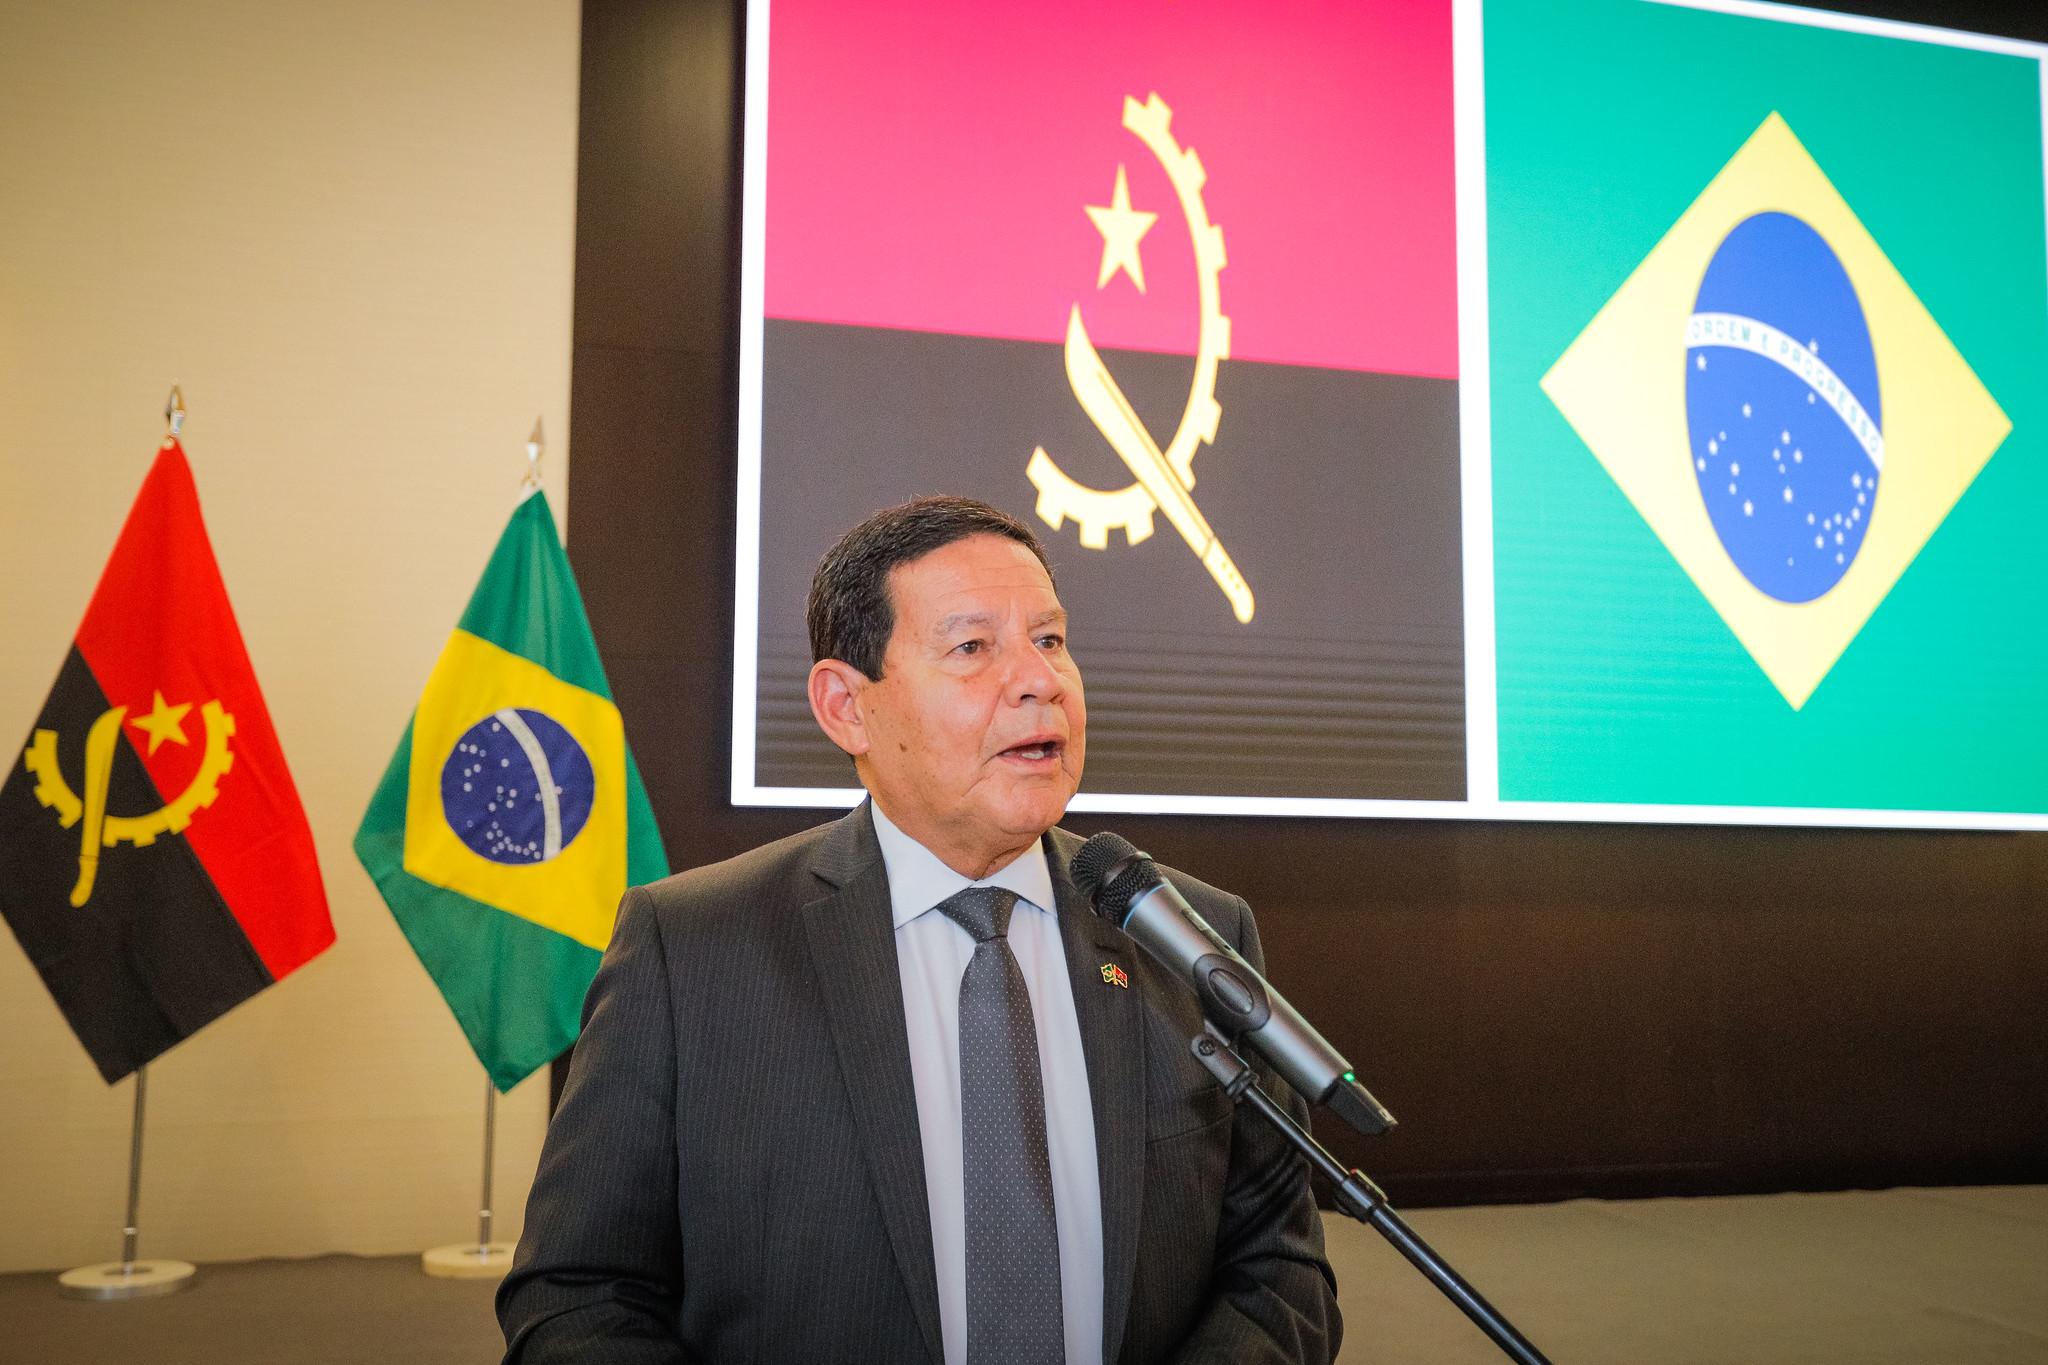 """IMAGEM: Vice-Presidência: Universal em Angola é """"tema privado que repercute na sociedade brasileira"""""""